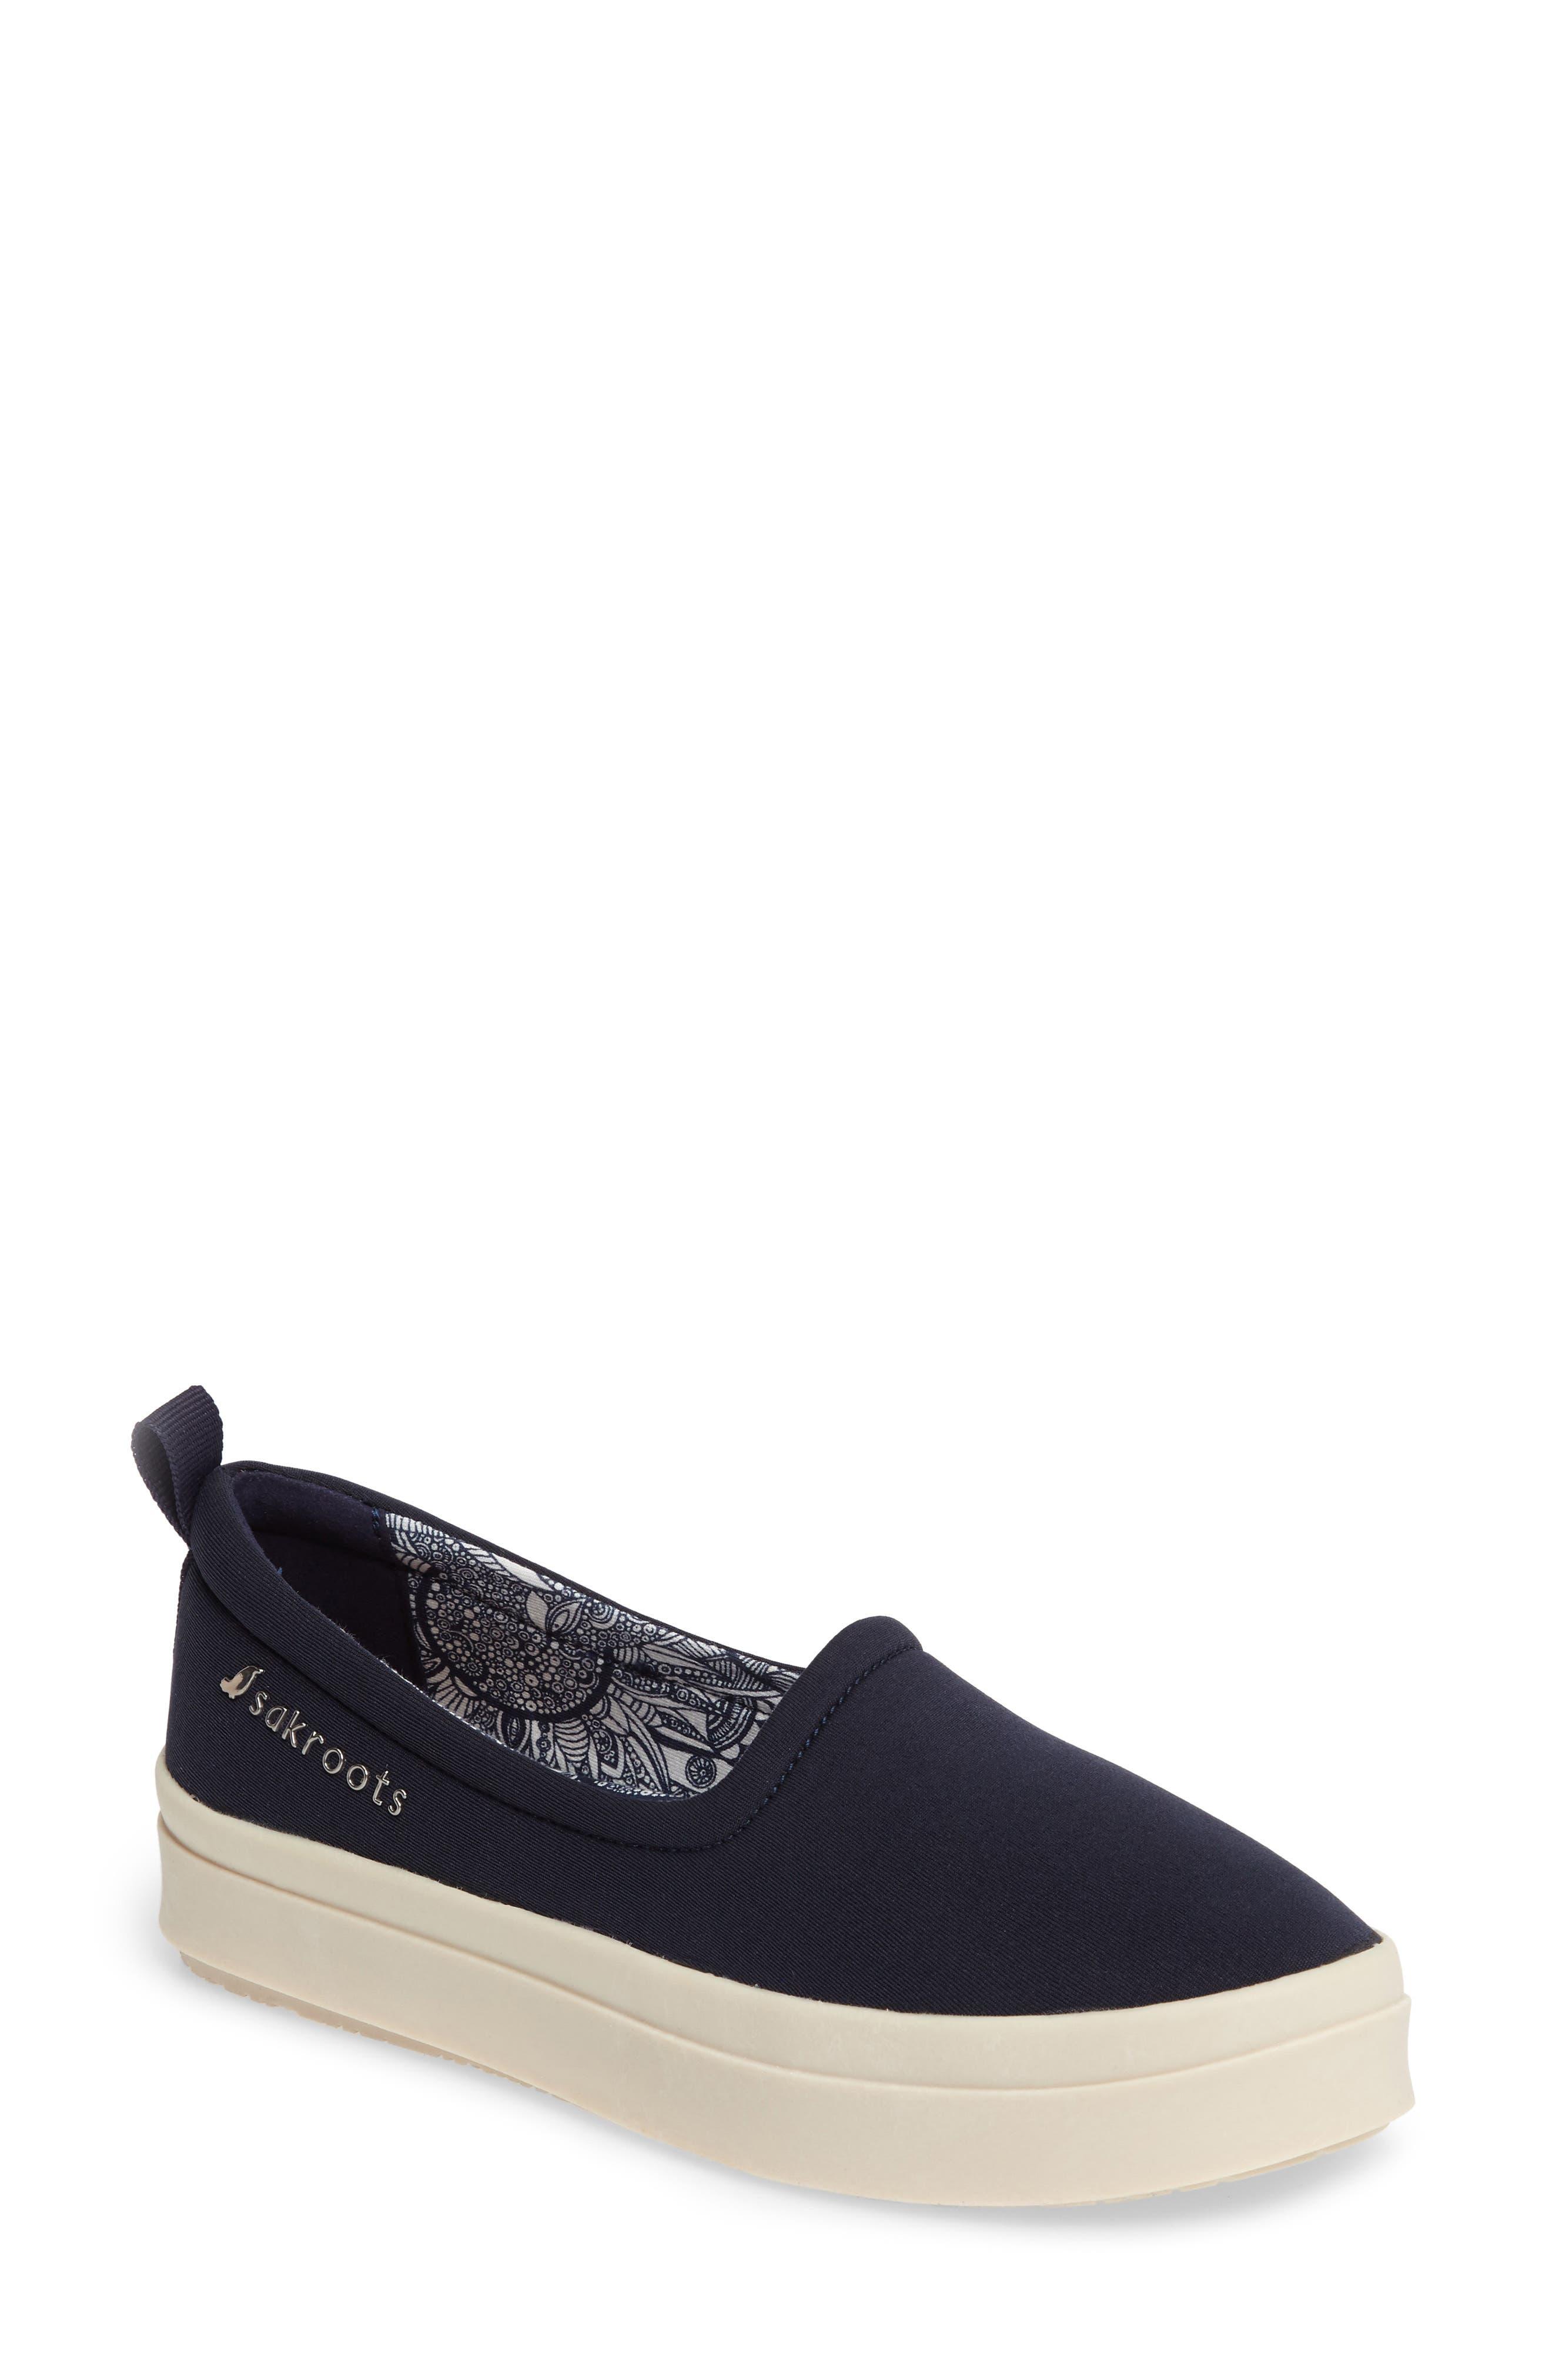 Alternate Image 1 Selected - Sakroots Saz Slip-On Sneaker (Women)